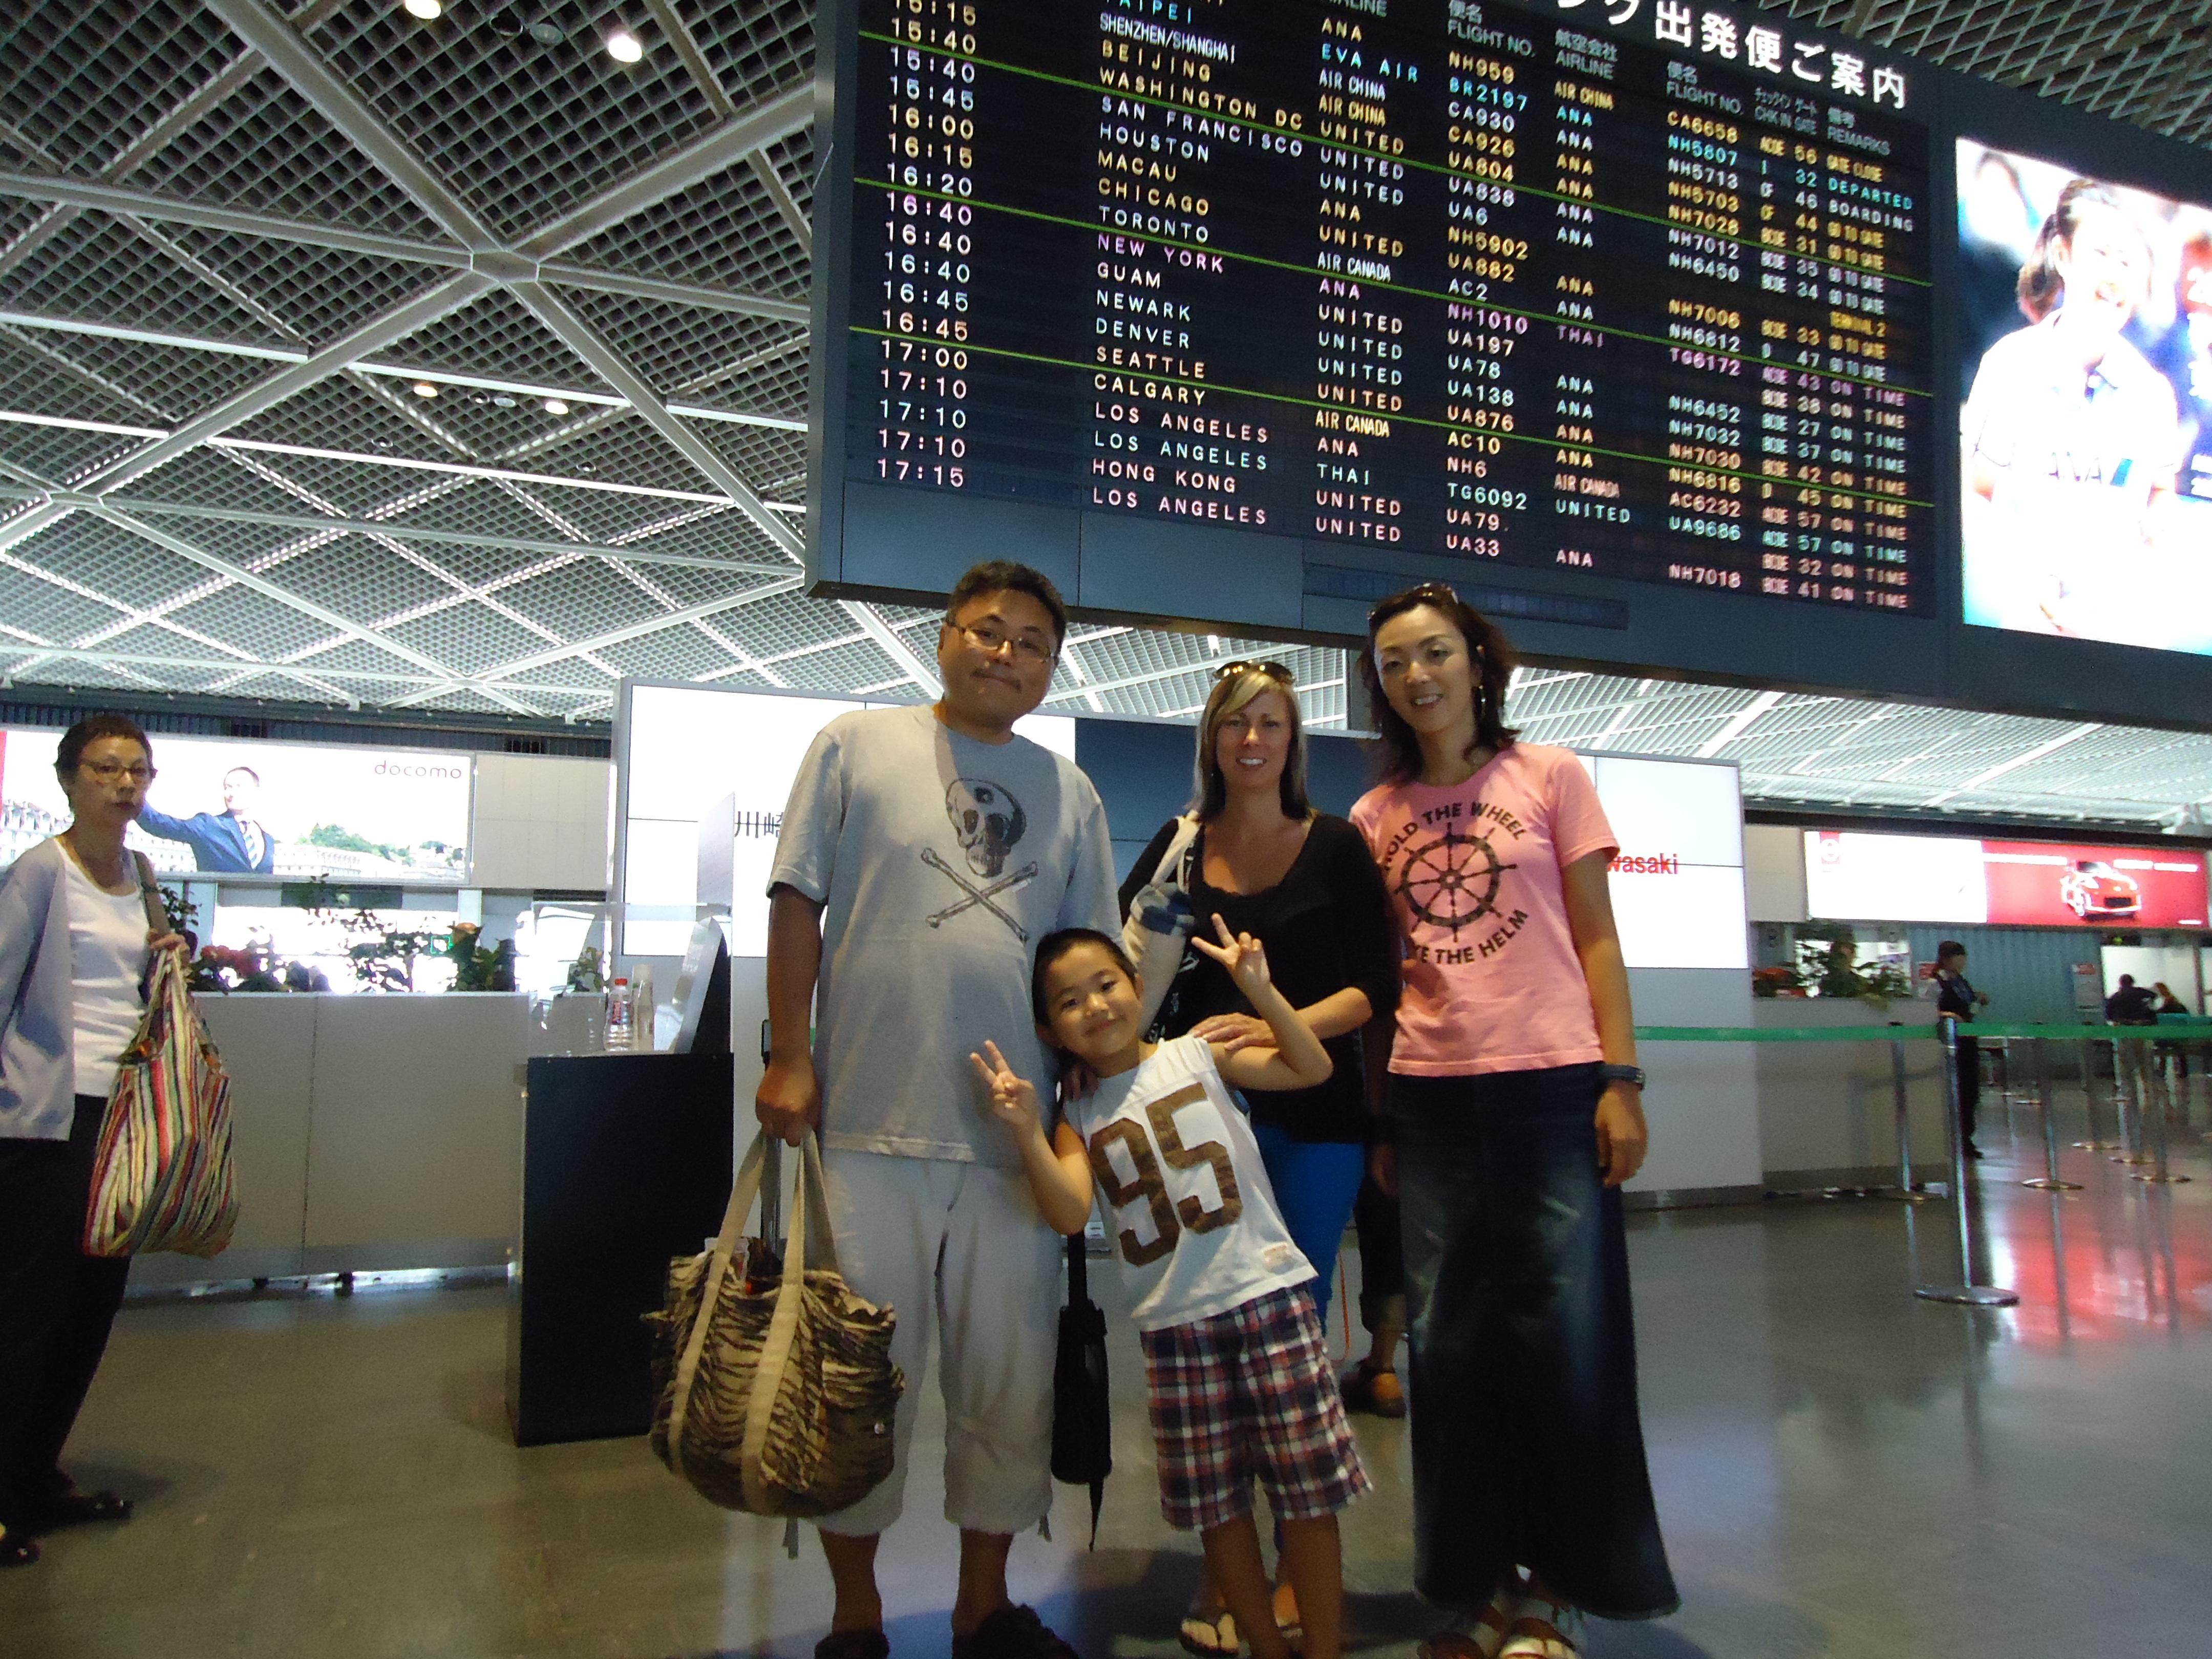 Last day in Japan